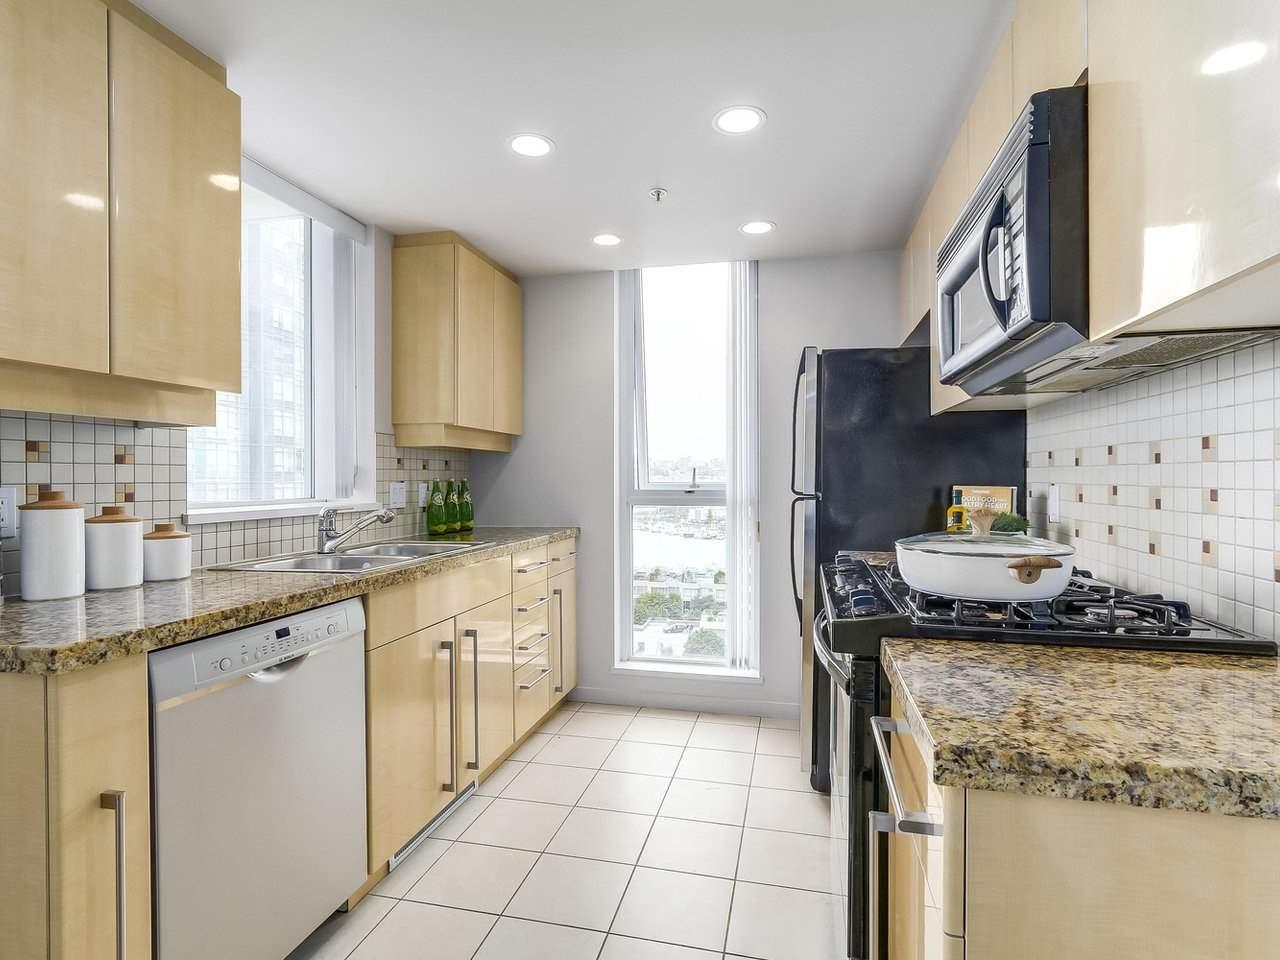 Condo Apartment at 1102 1408 STRATHMORE MEWS, Unit 1102, Vancouver West, British Columbia. Image 8